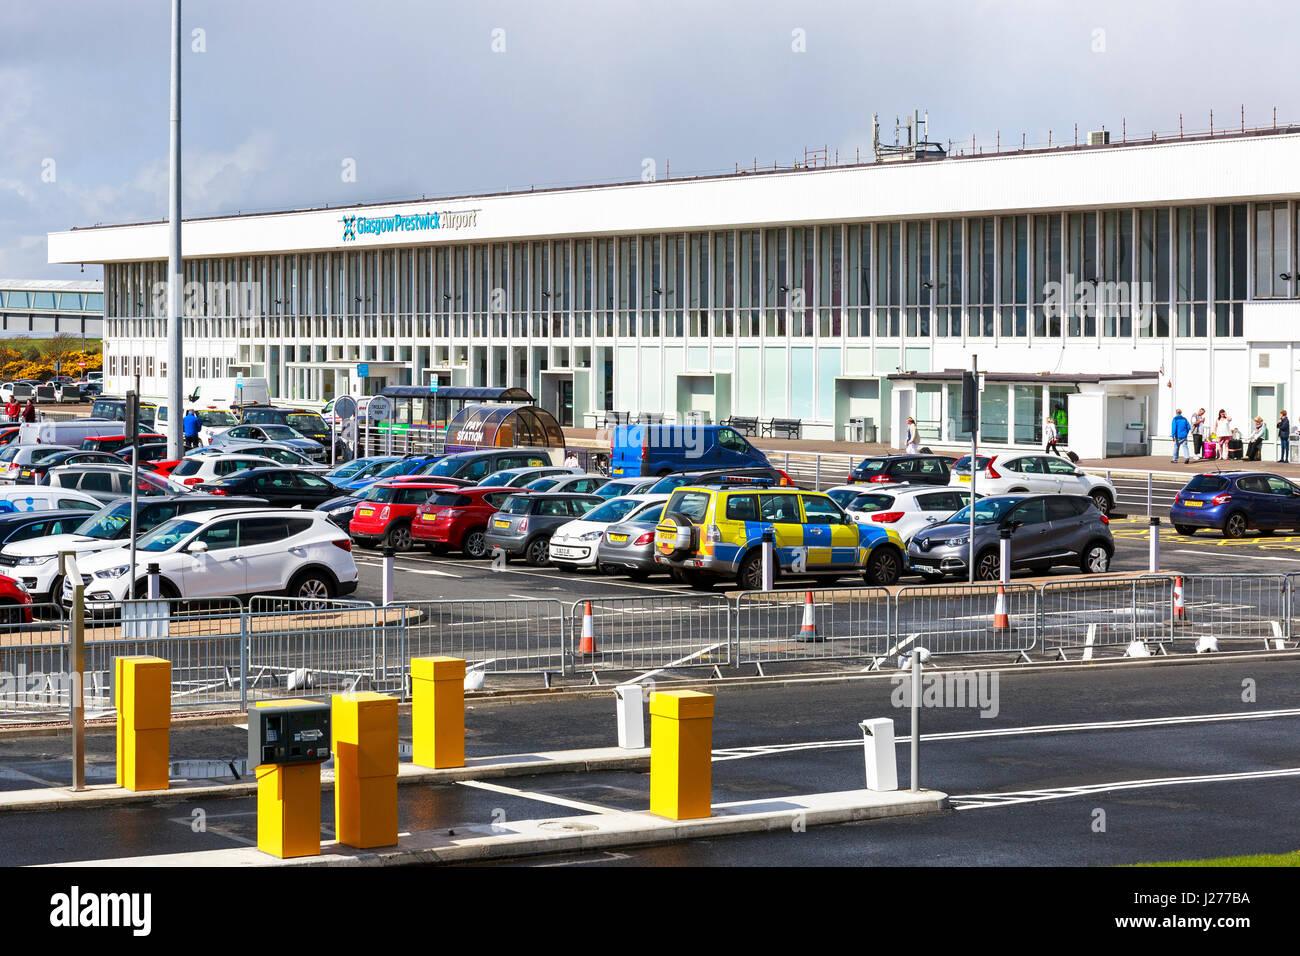 Glasgow Prestwick Airport, Prestwick, Ayrshire, Scotland, UK Stock Photo